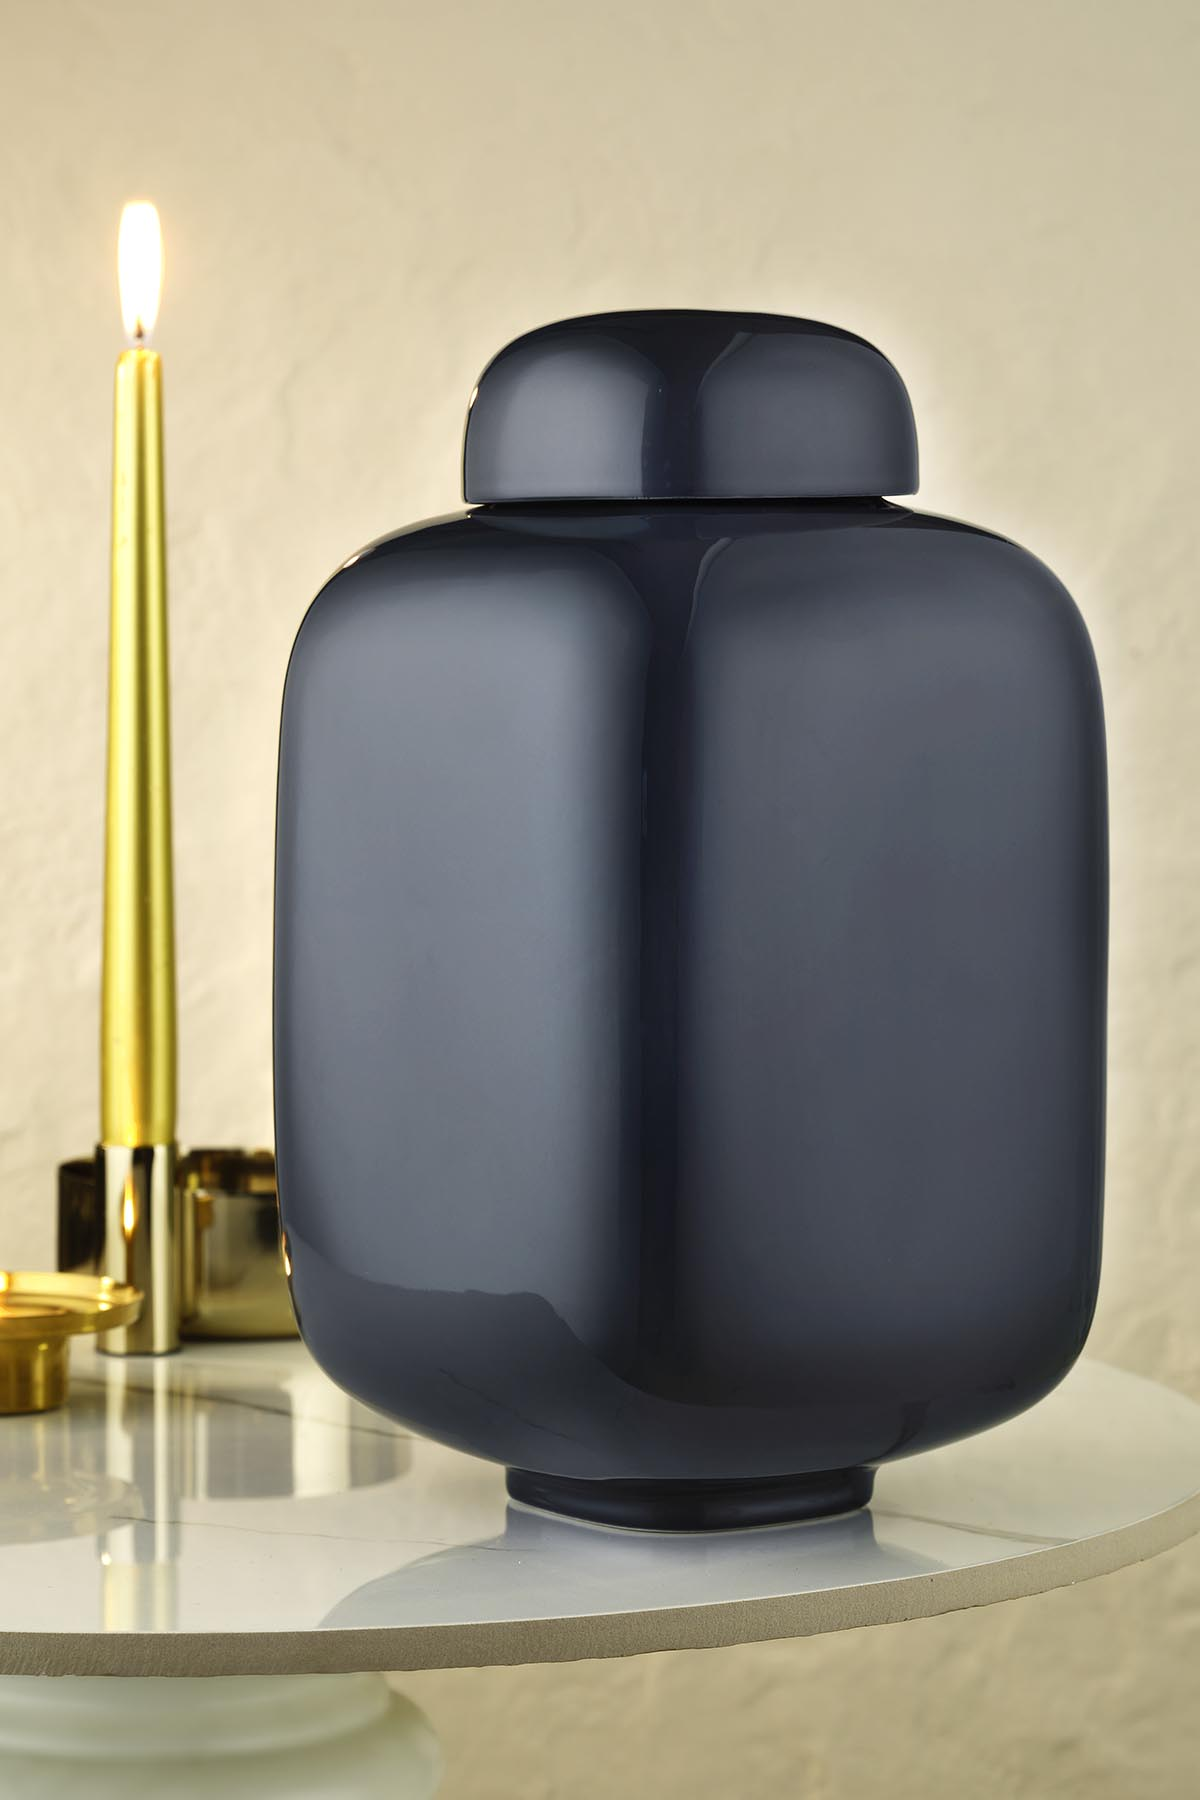 Kütahya Porselen Modern 29 Cm.Kapaklı Vazo Reaktif Sır Lacivert